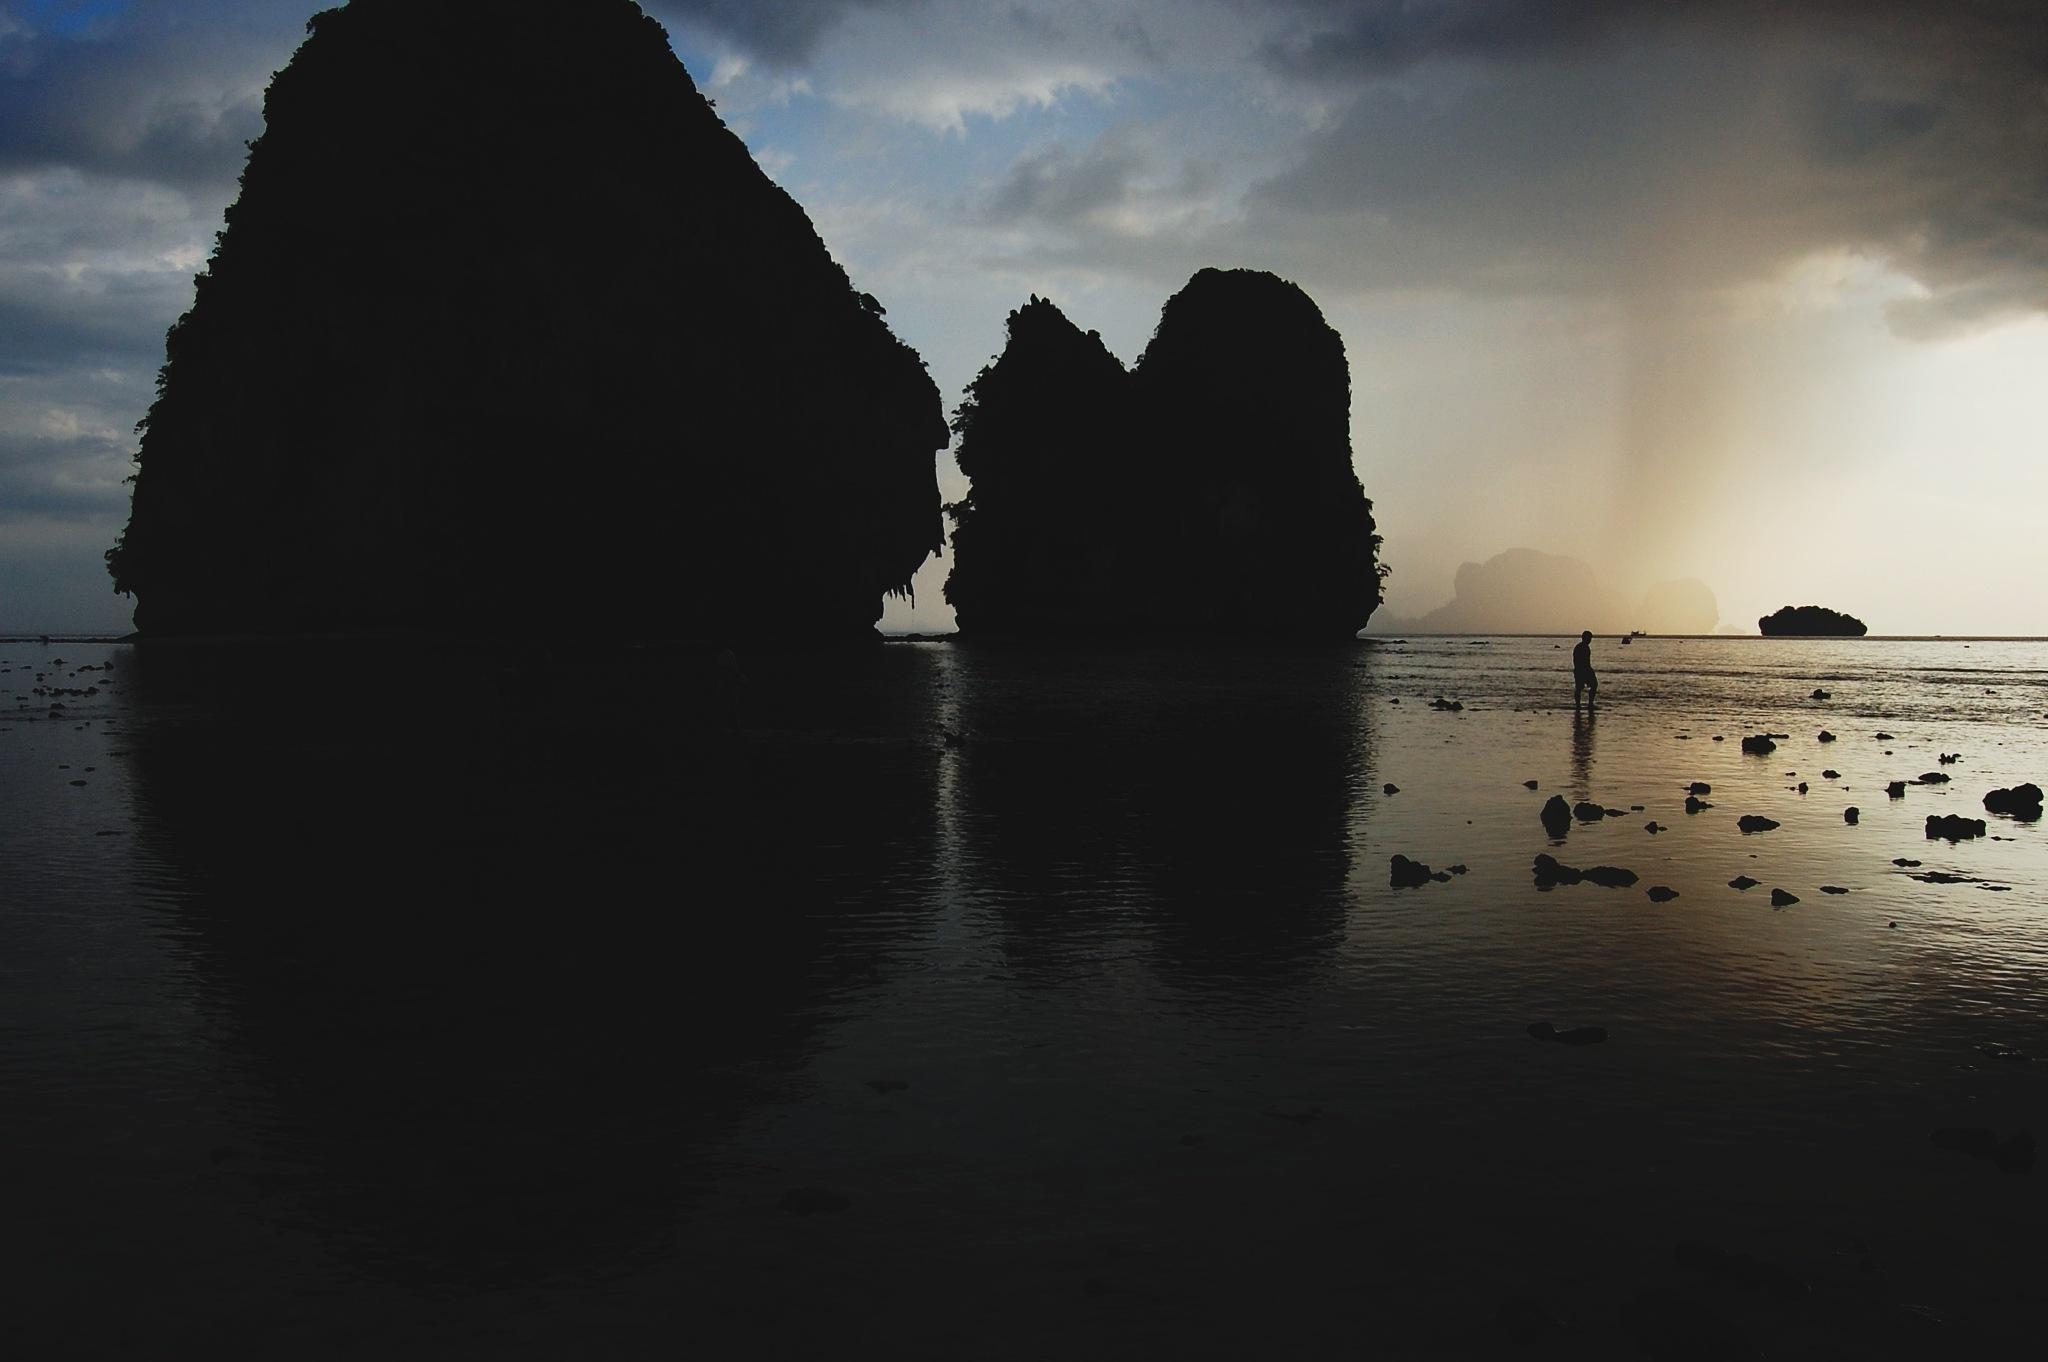 Krabi _thailand  by dimcelozanoski